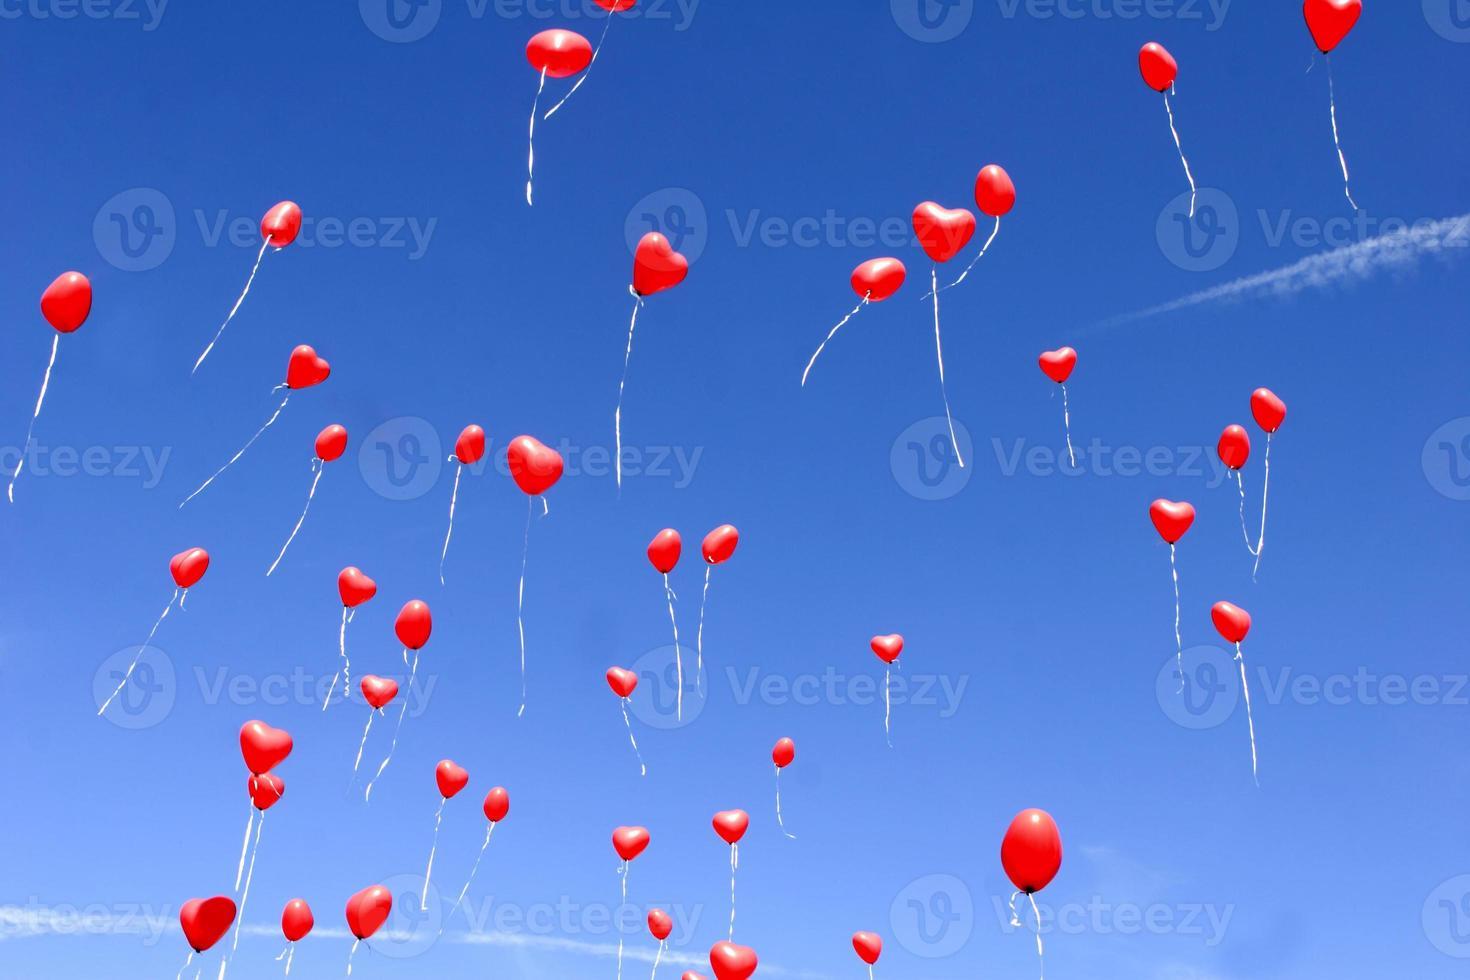 palloncini cuore rosso in un cielo blu foto